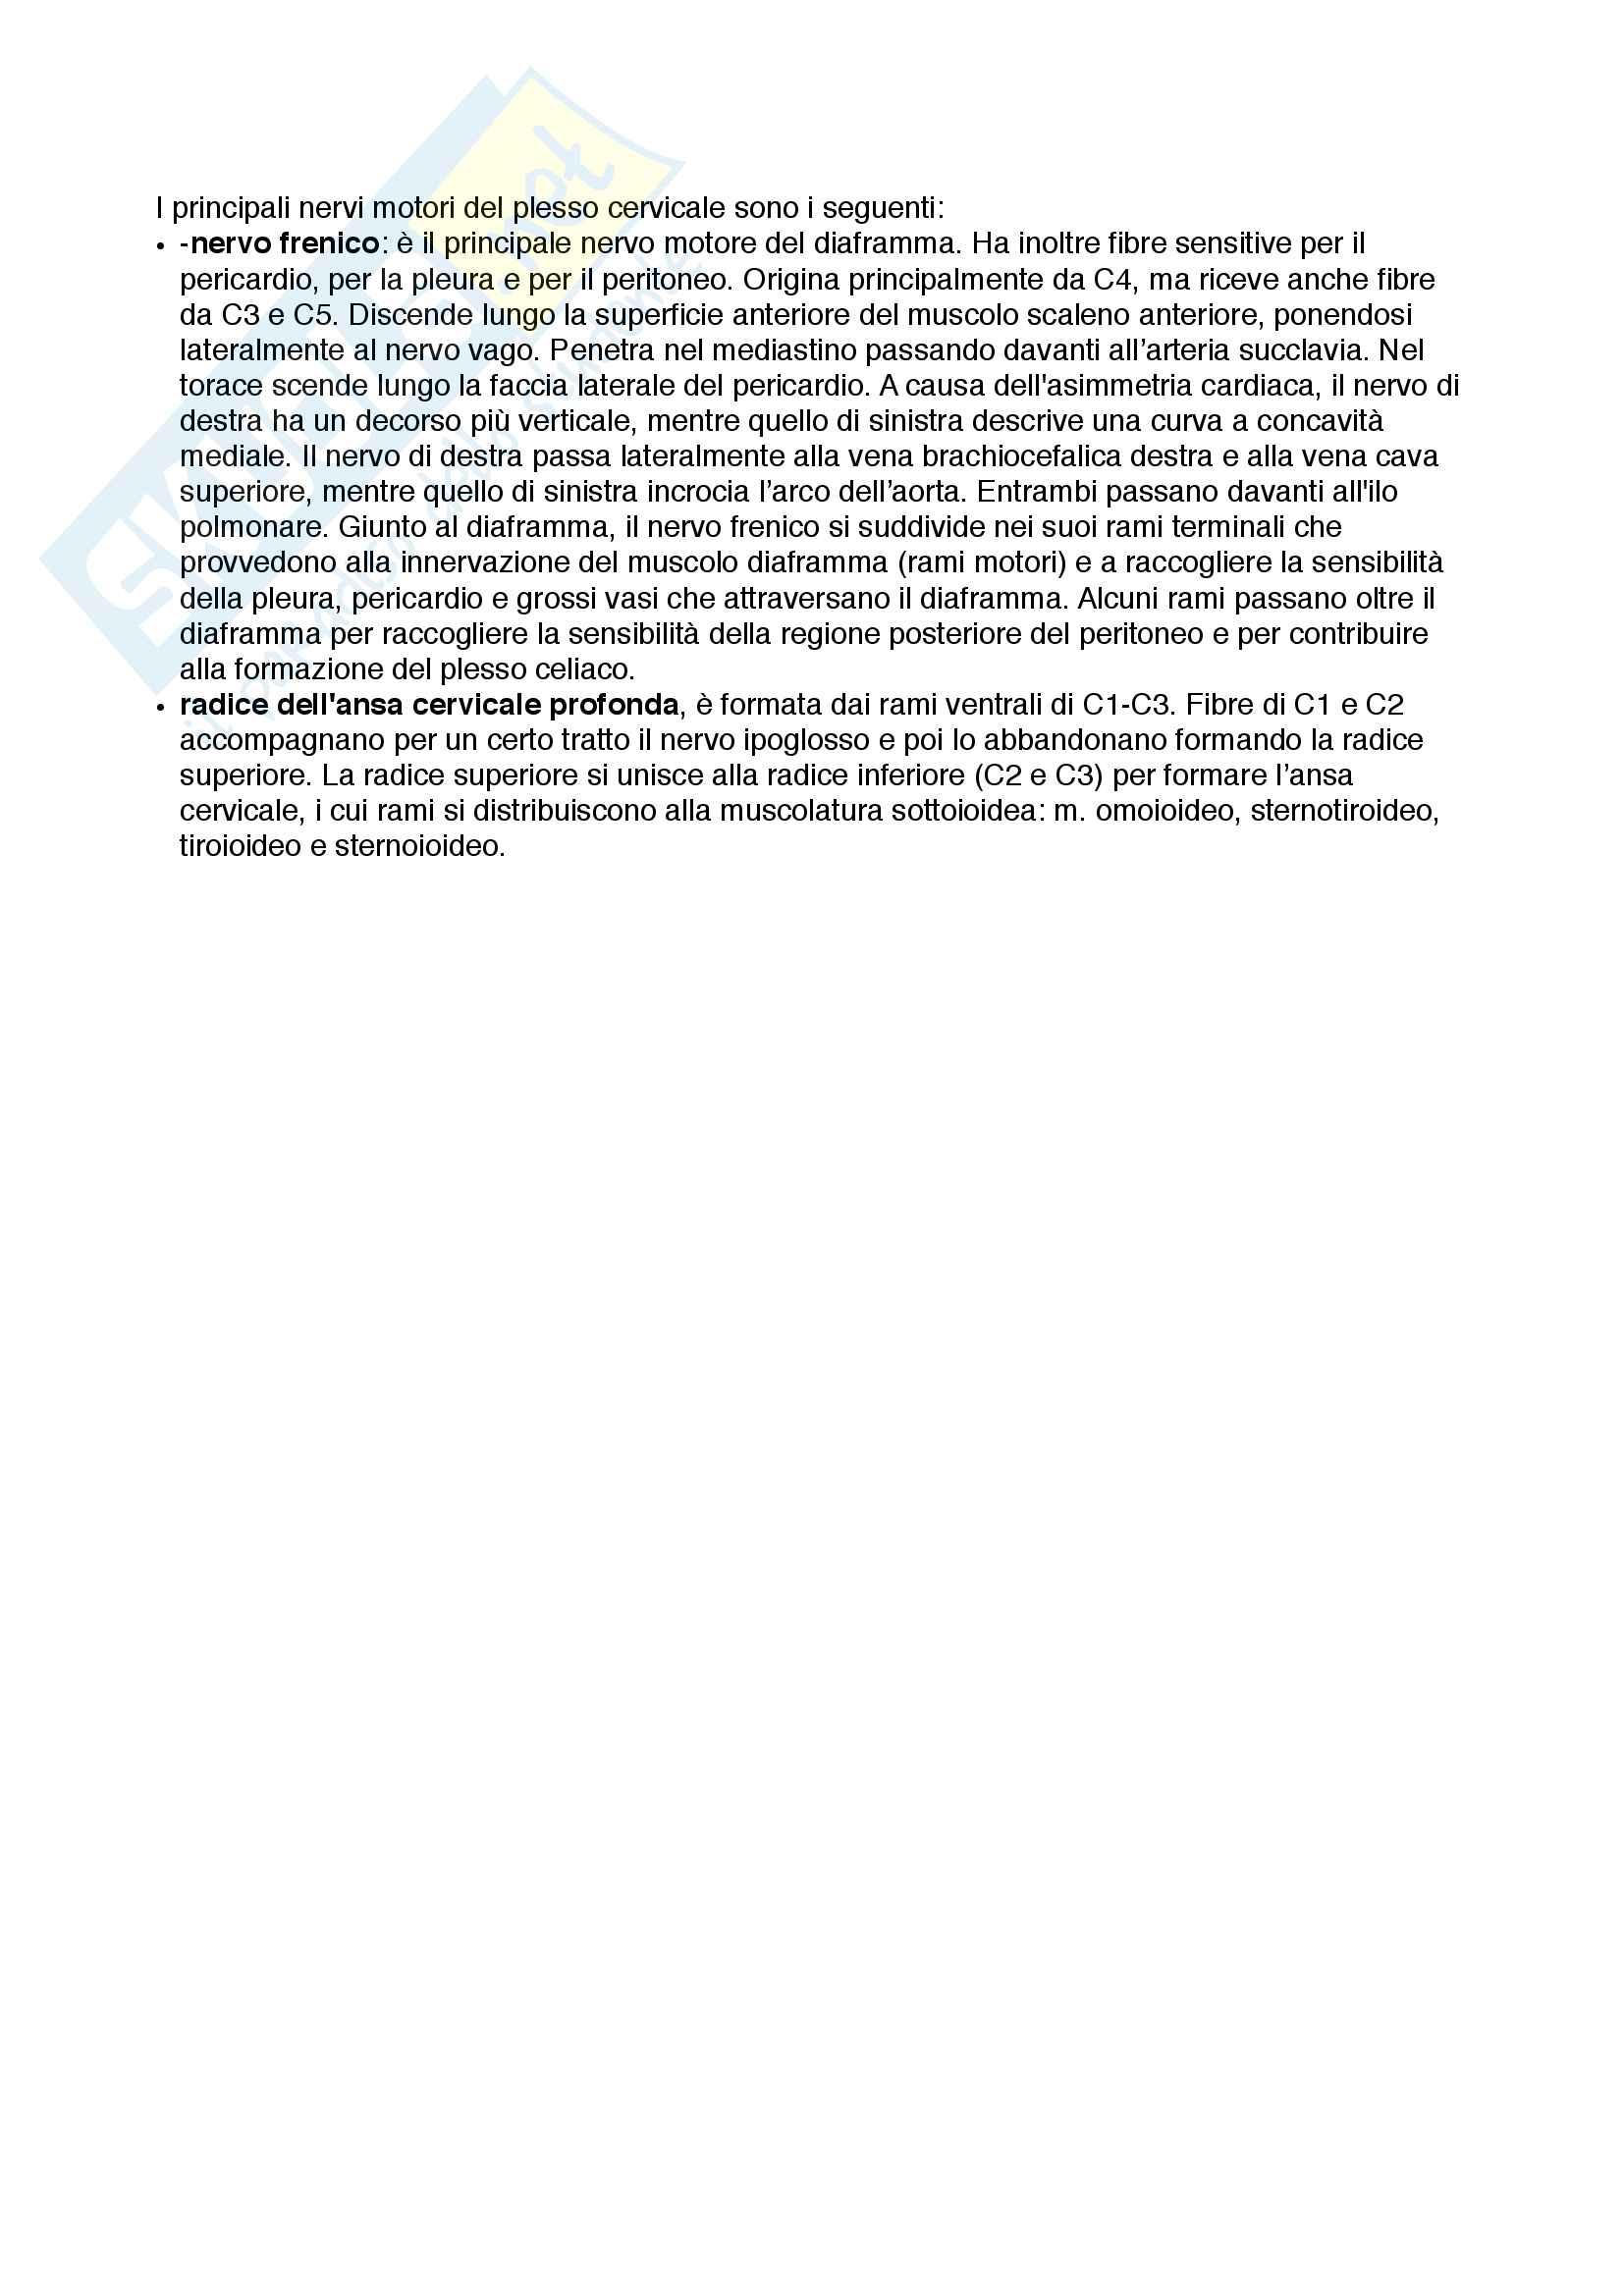 Documento completo per esame di Anatomia I-Testa e collo, UNIPD Pag. 46